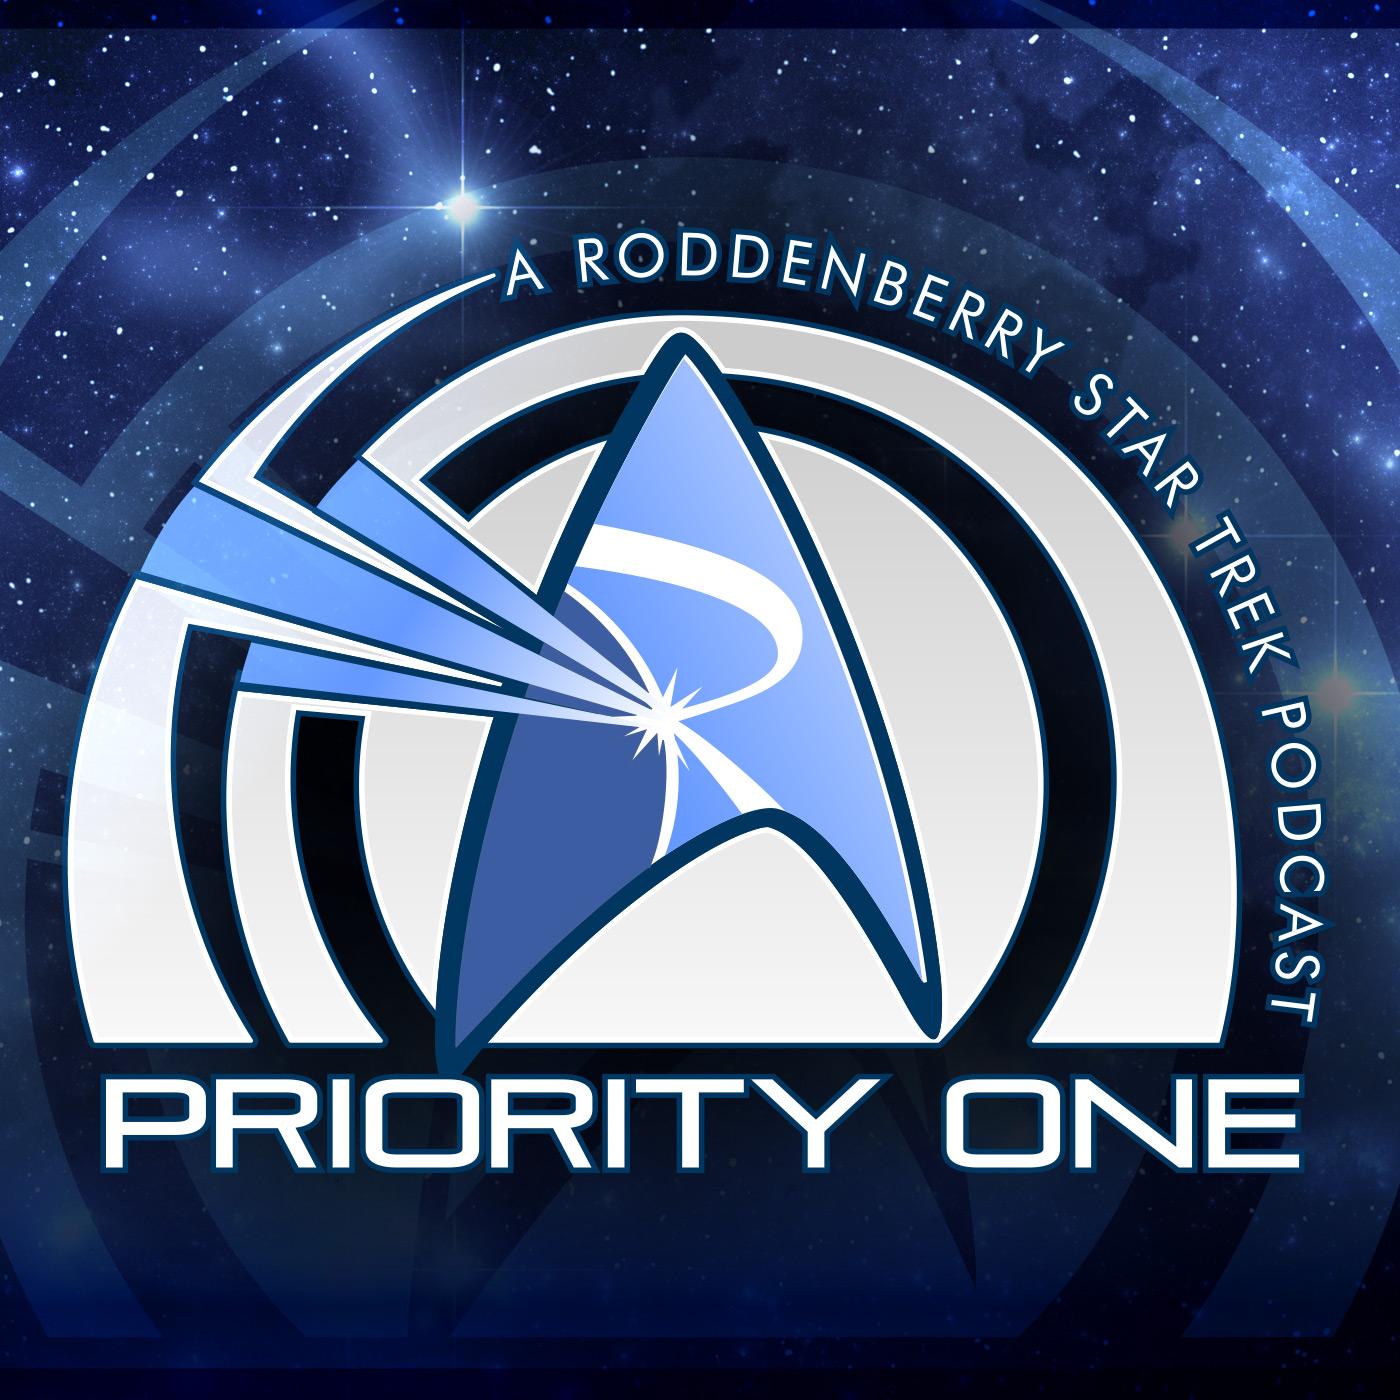 Artwork for 412 – Merchandising, Merchandising | Priority One: A Roddenberry Star Trek Podcast